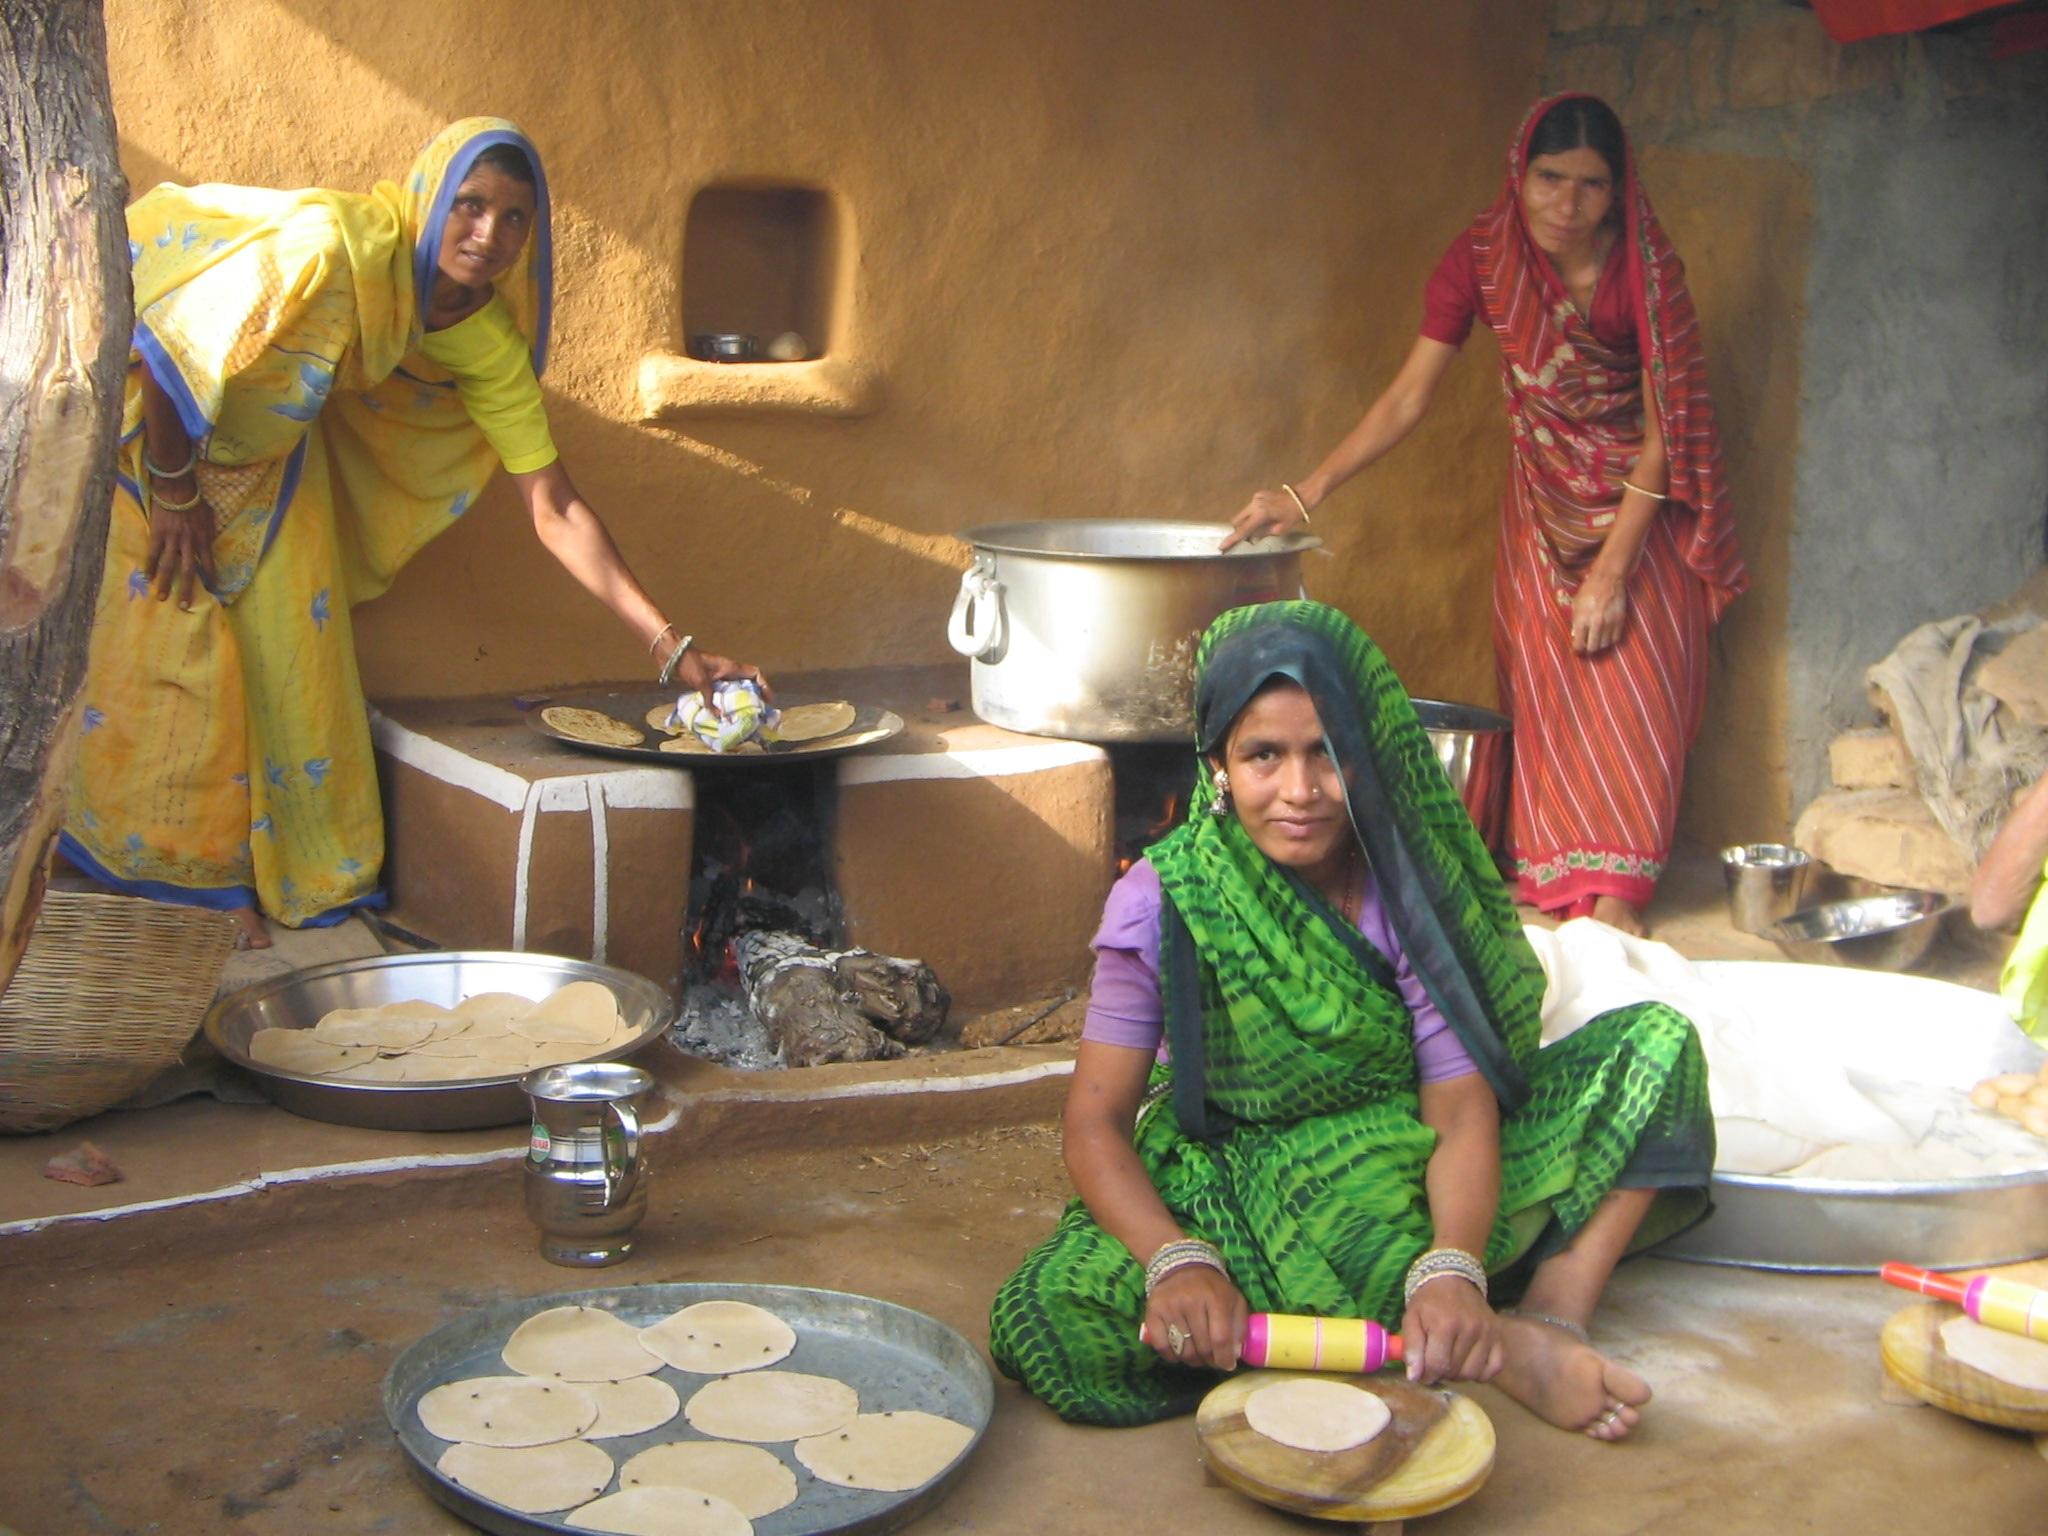 Orang Hidangan Makan Memasak Dapur Masakan Candi Makanan Untuk Anak Akshaya Patra